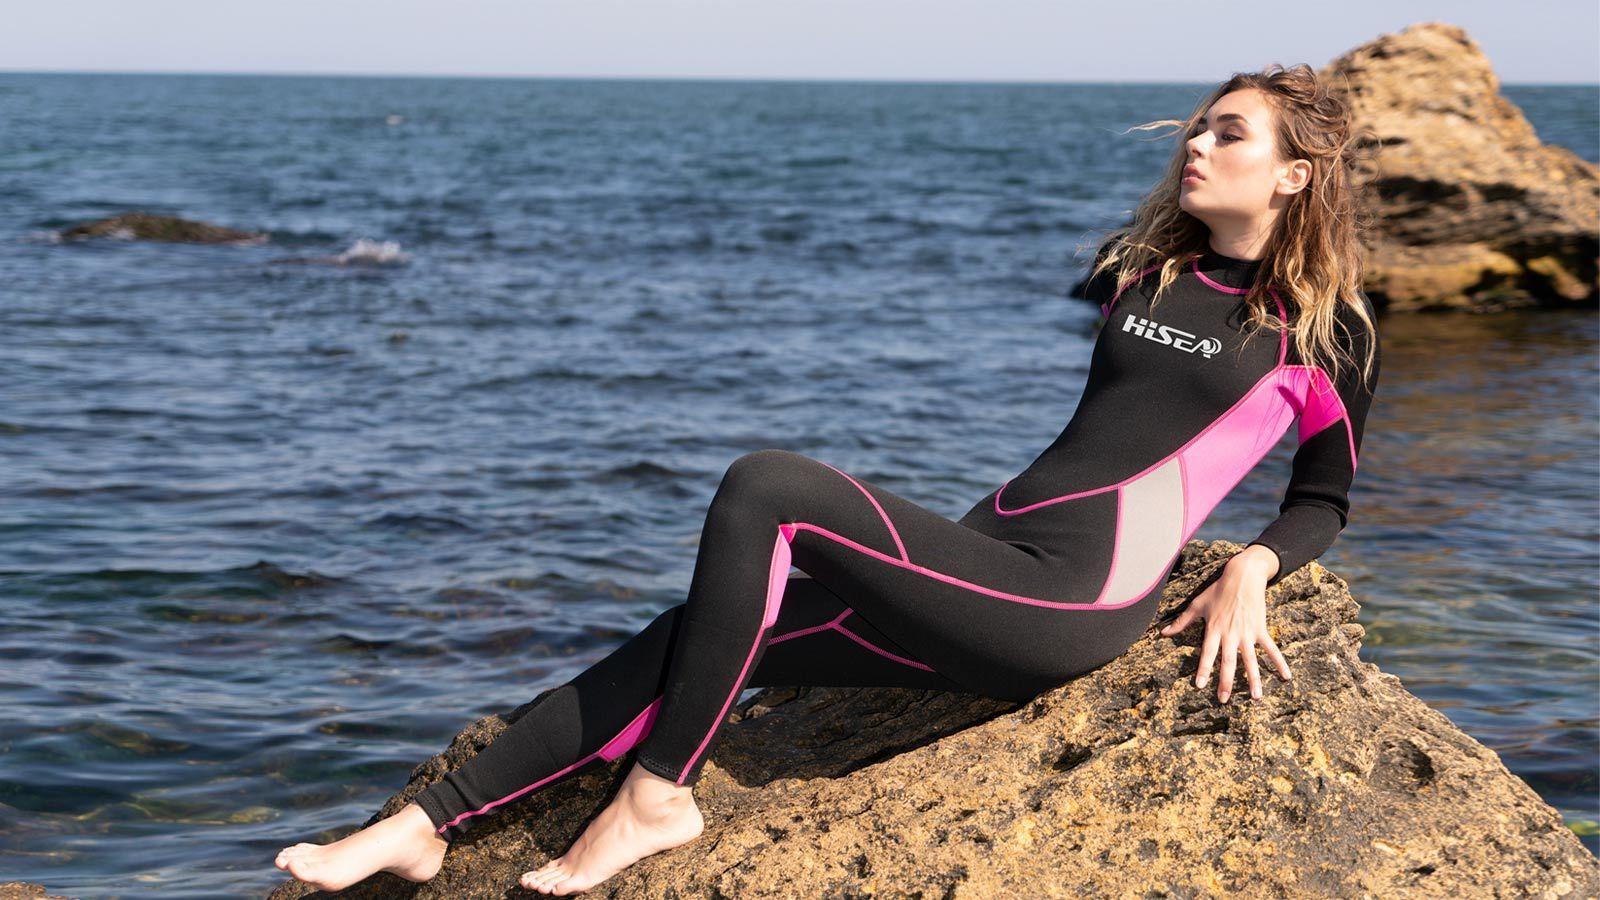 девушка в гидрокостюме HiSEA лежит на камне